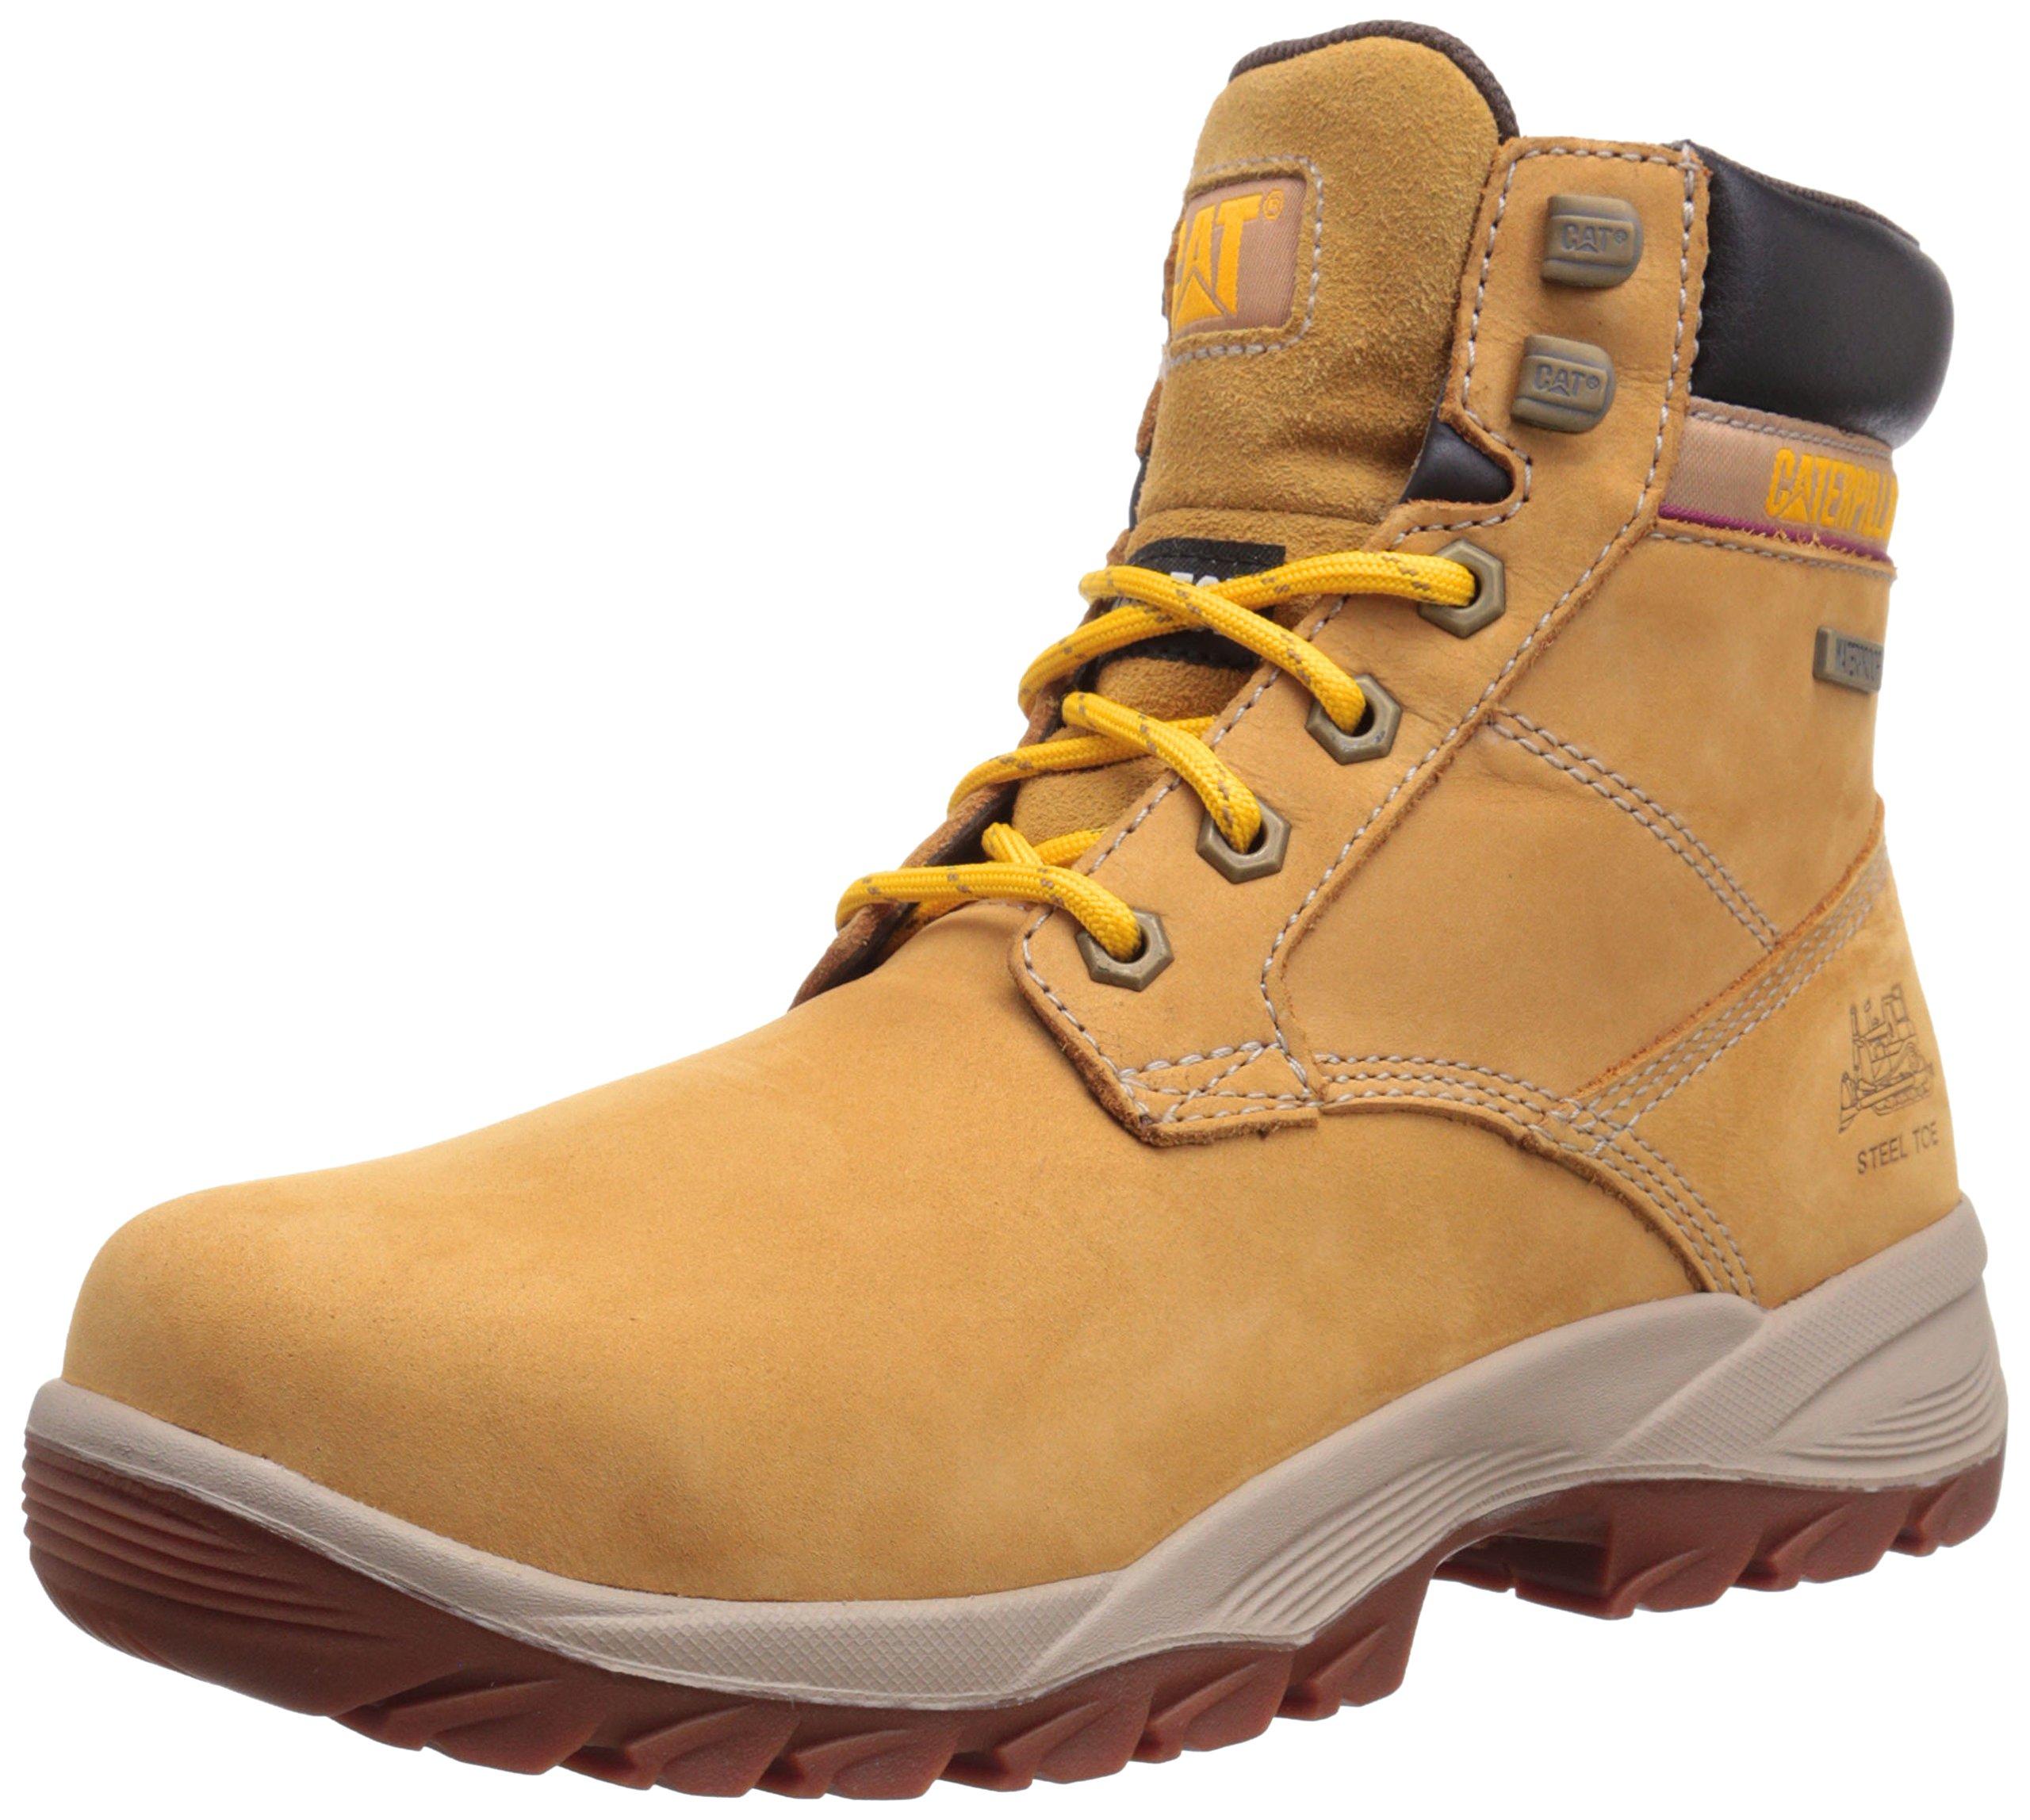 Caterpillar Women's Dryverse 6 Inch Waterproof Steel Toe Work Boot, Honey Reset, 9 M US